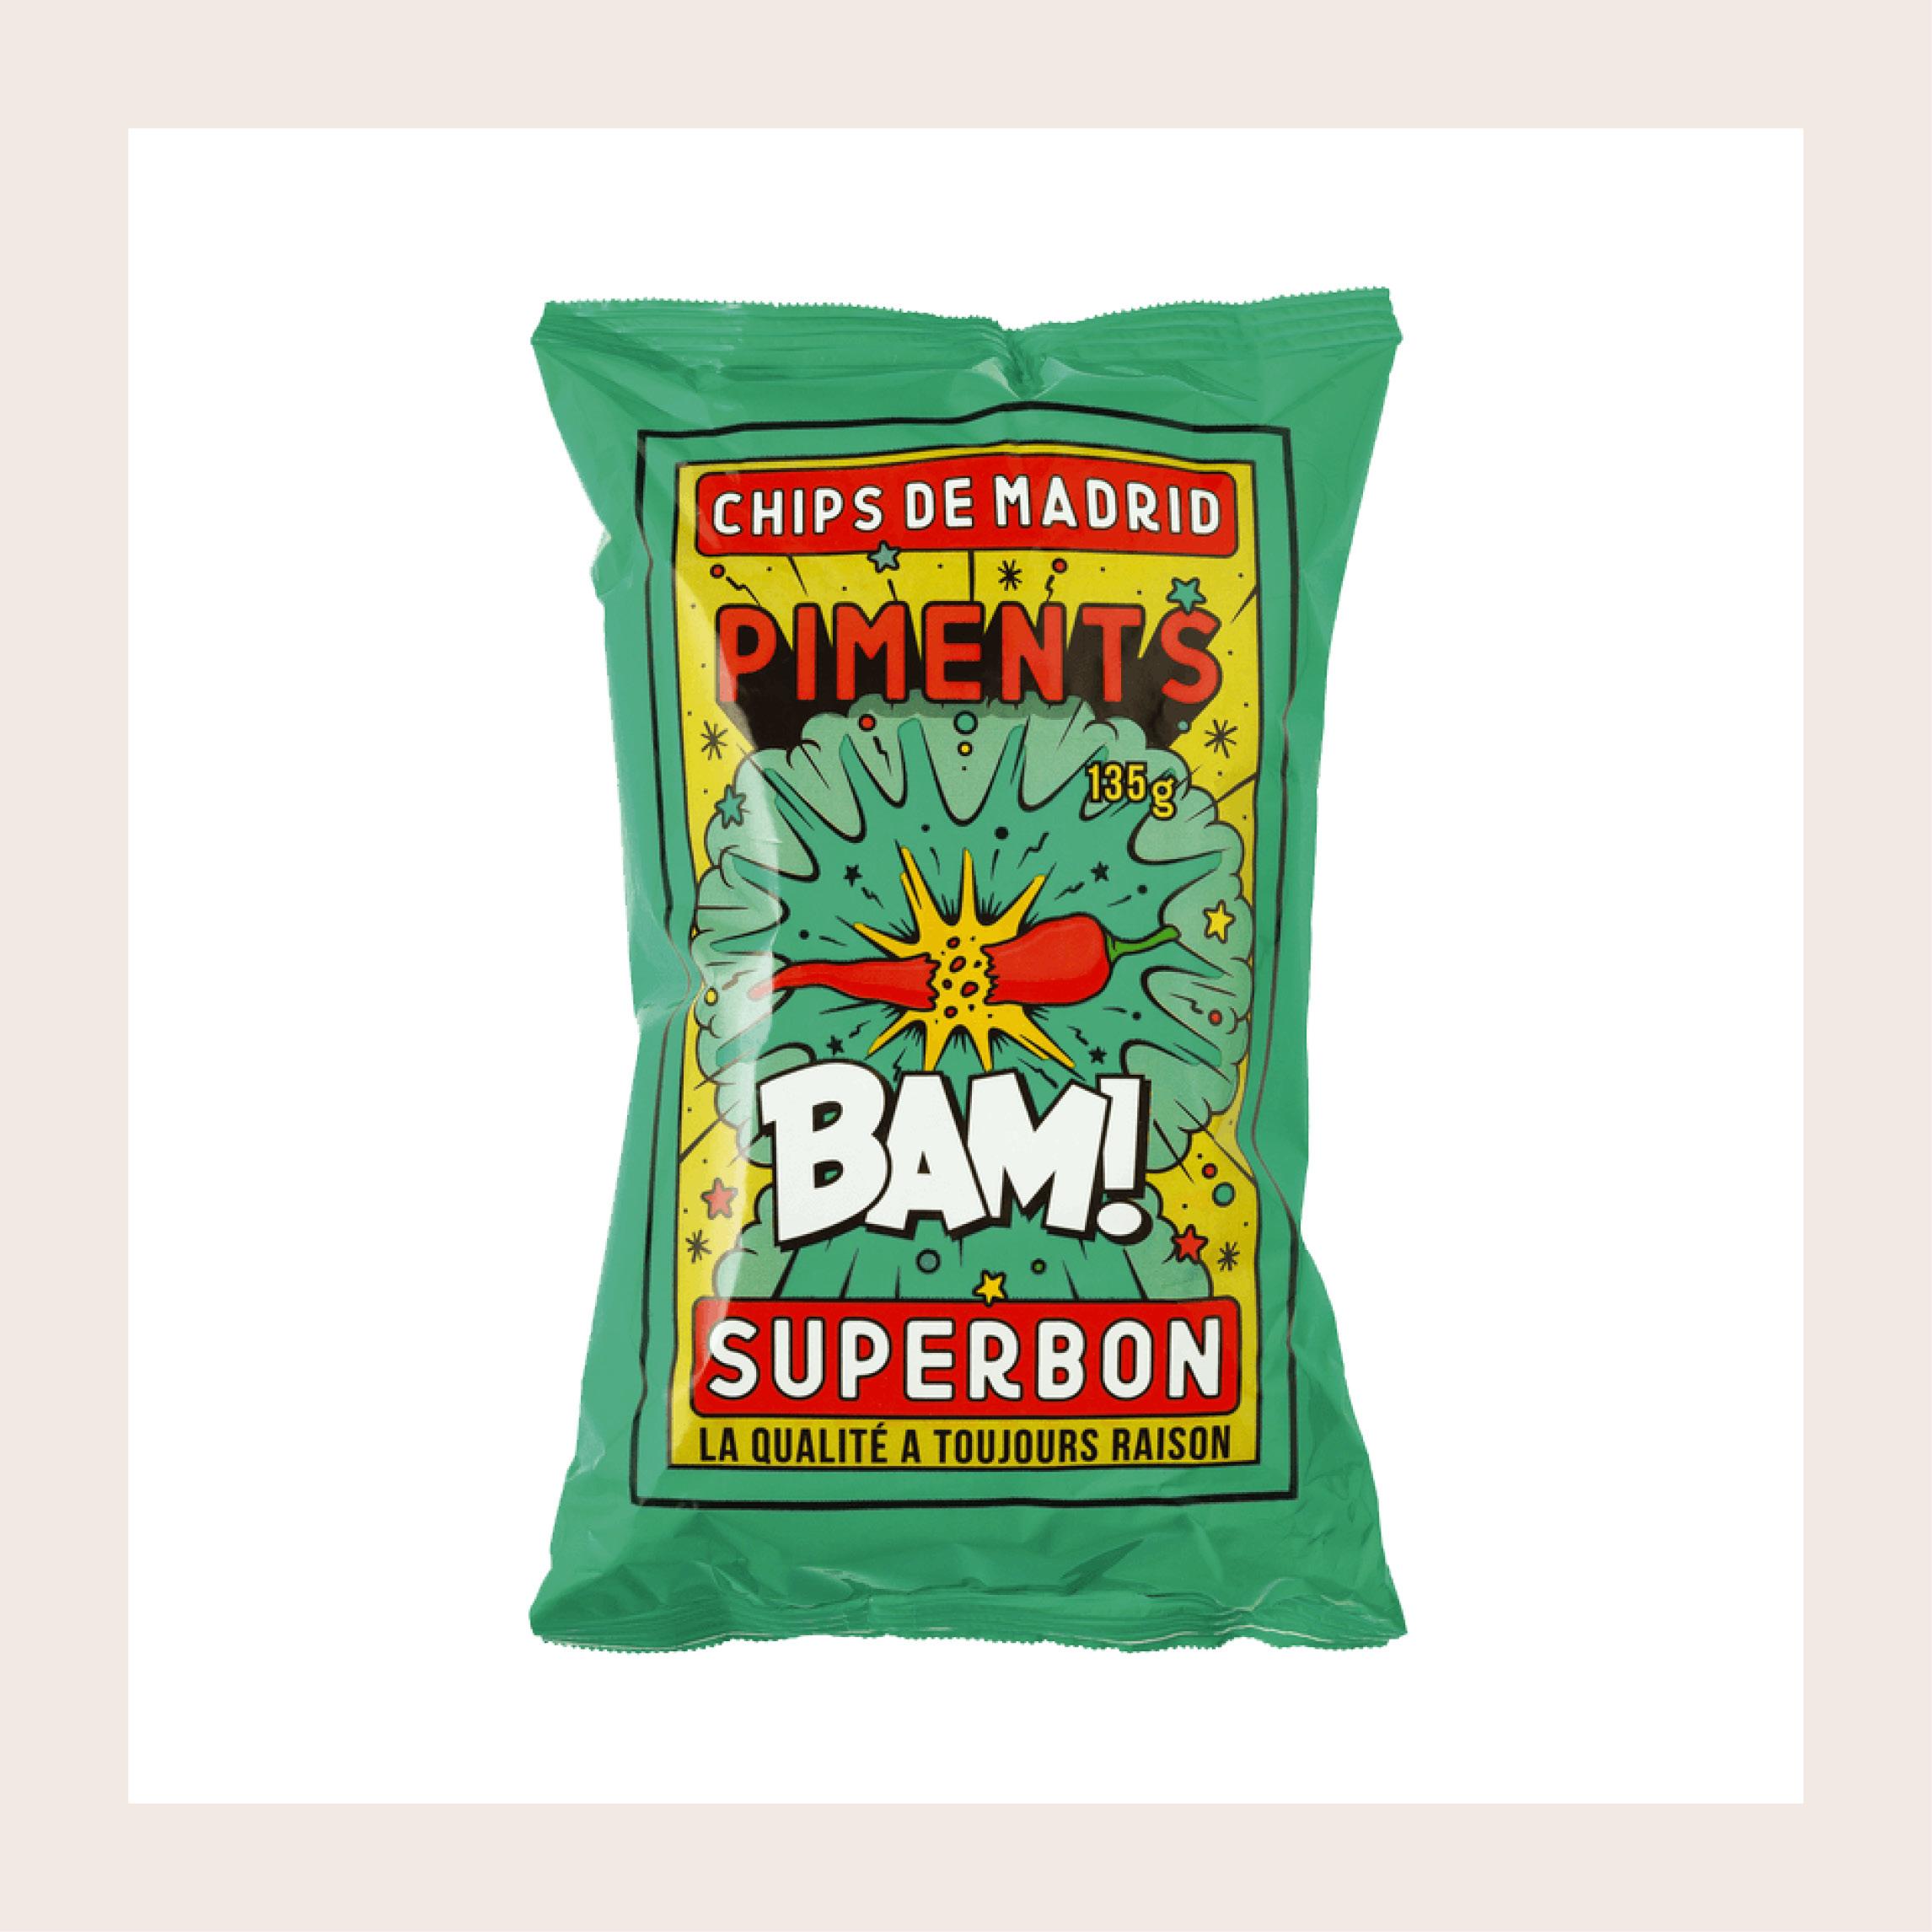 Chips de Madrid Piments X Superbon